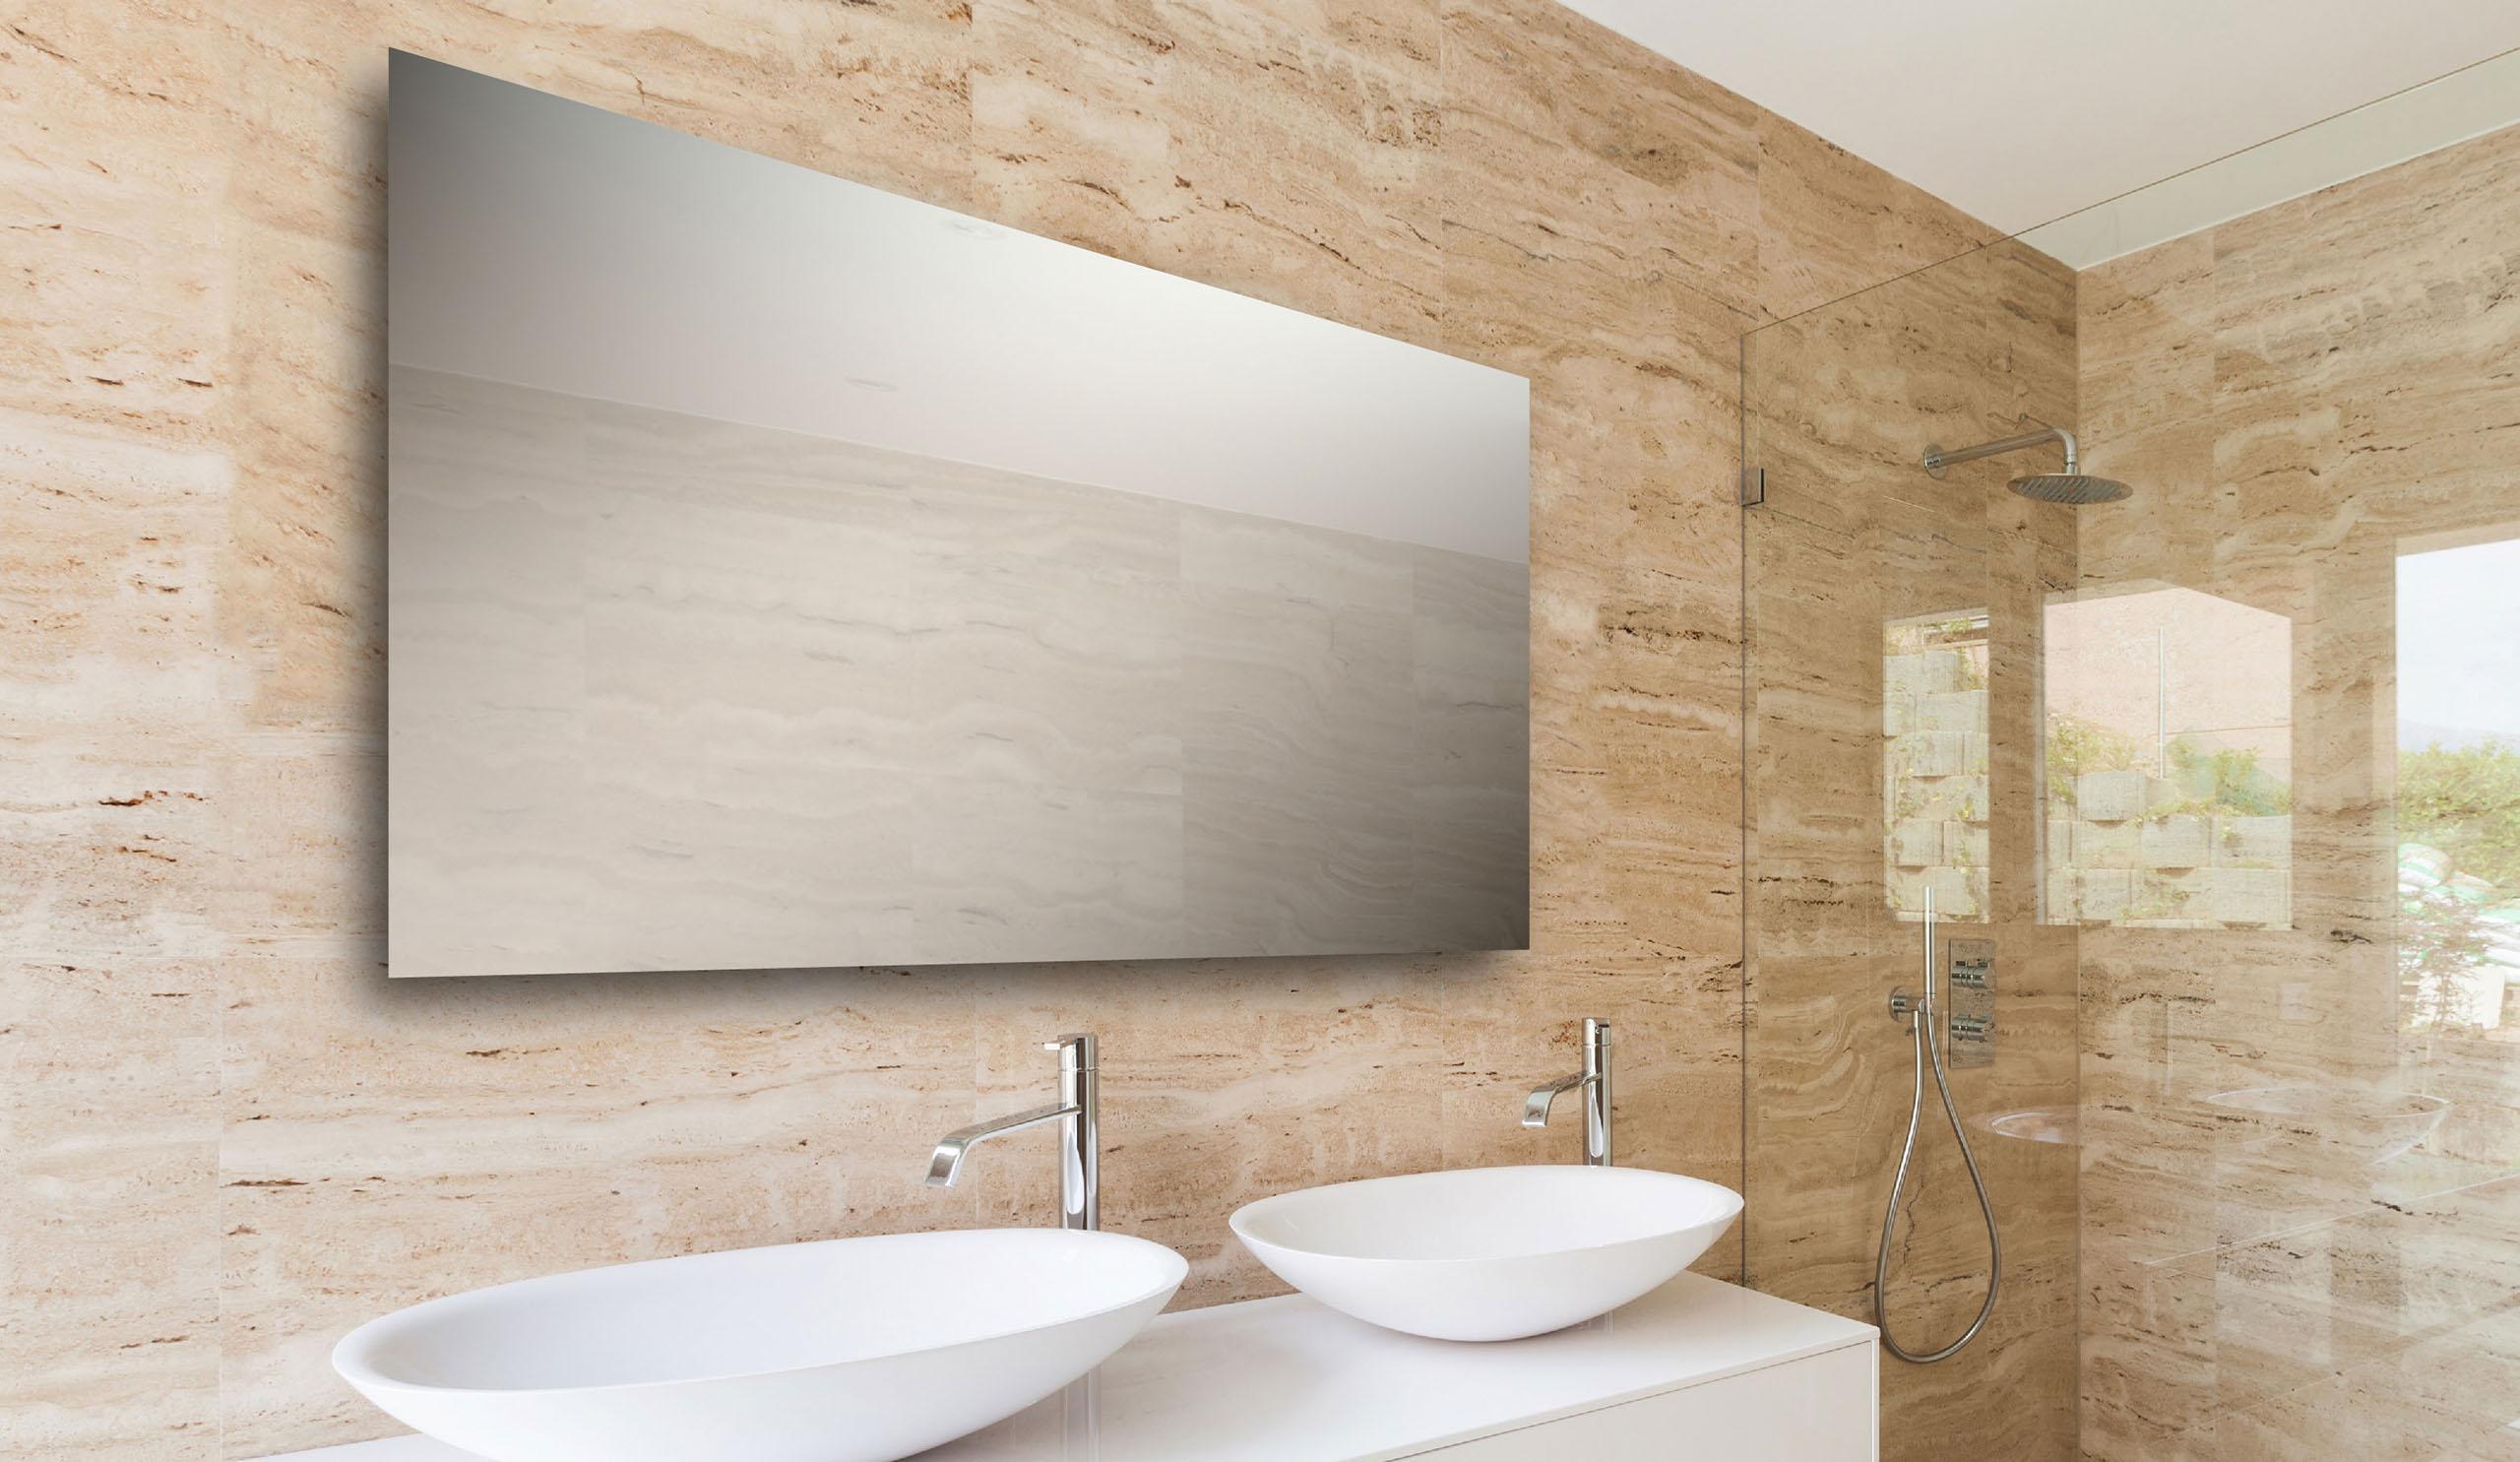 Badkamer Spiegel Verlichting : Spiegels aqua linea badkamers